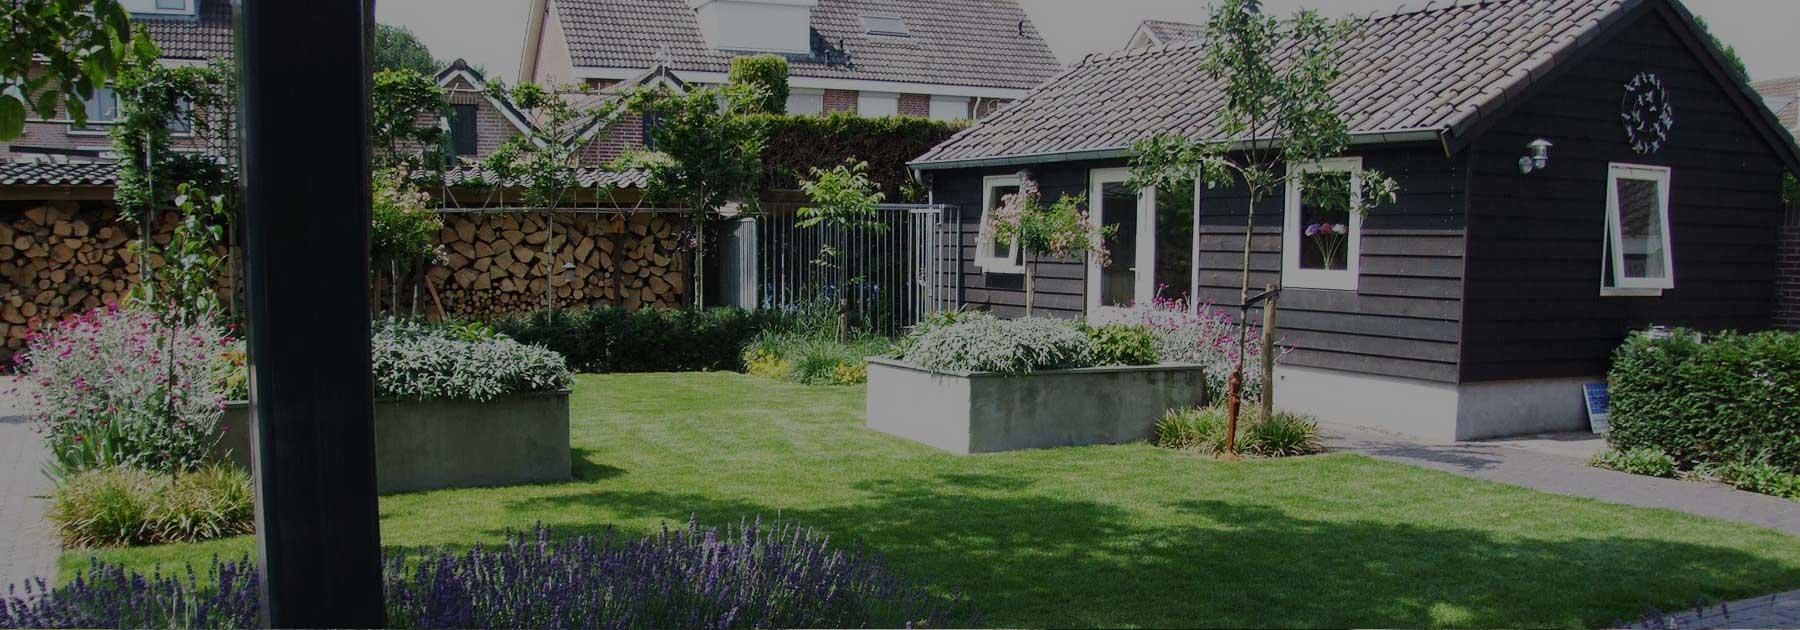 schadewijk-hovenier-home4